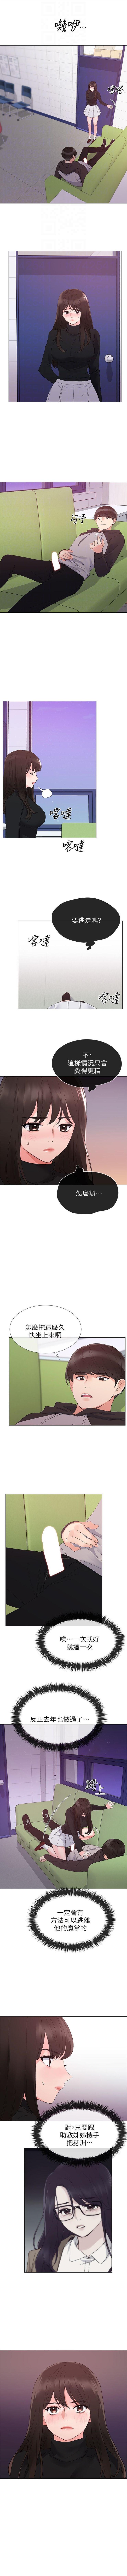 重考生 1-44 中文翻译(更新中) 166